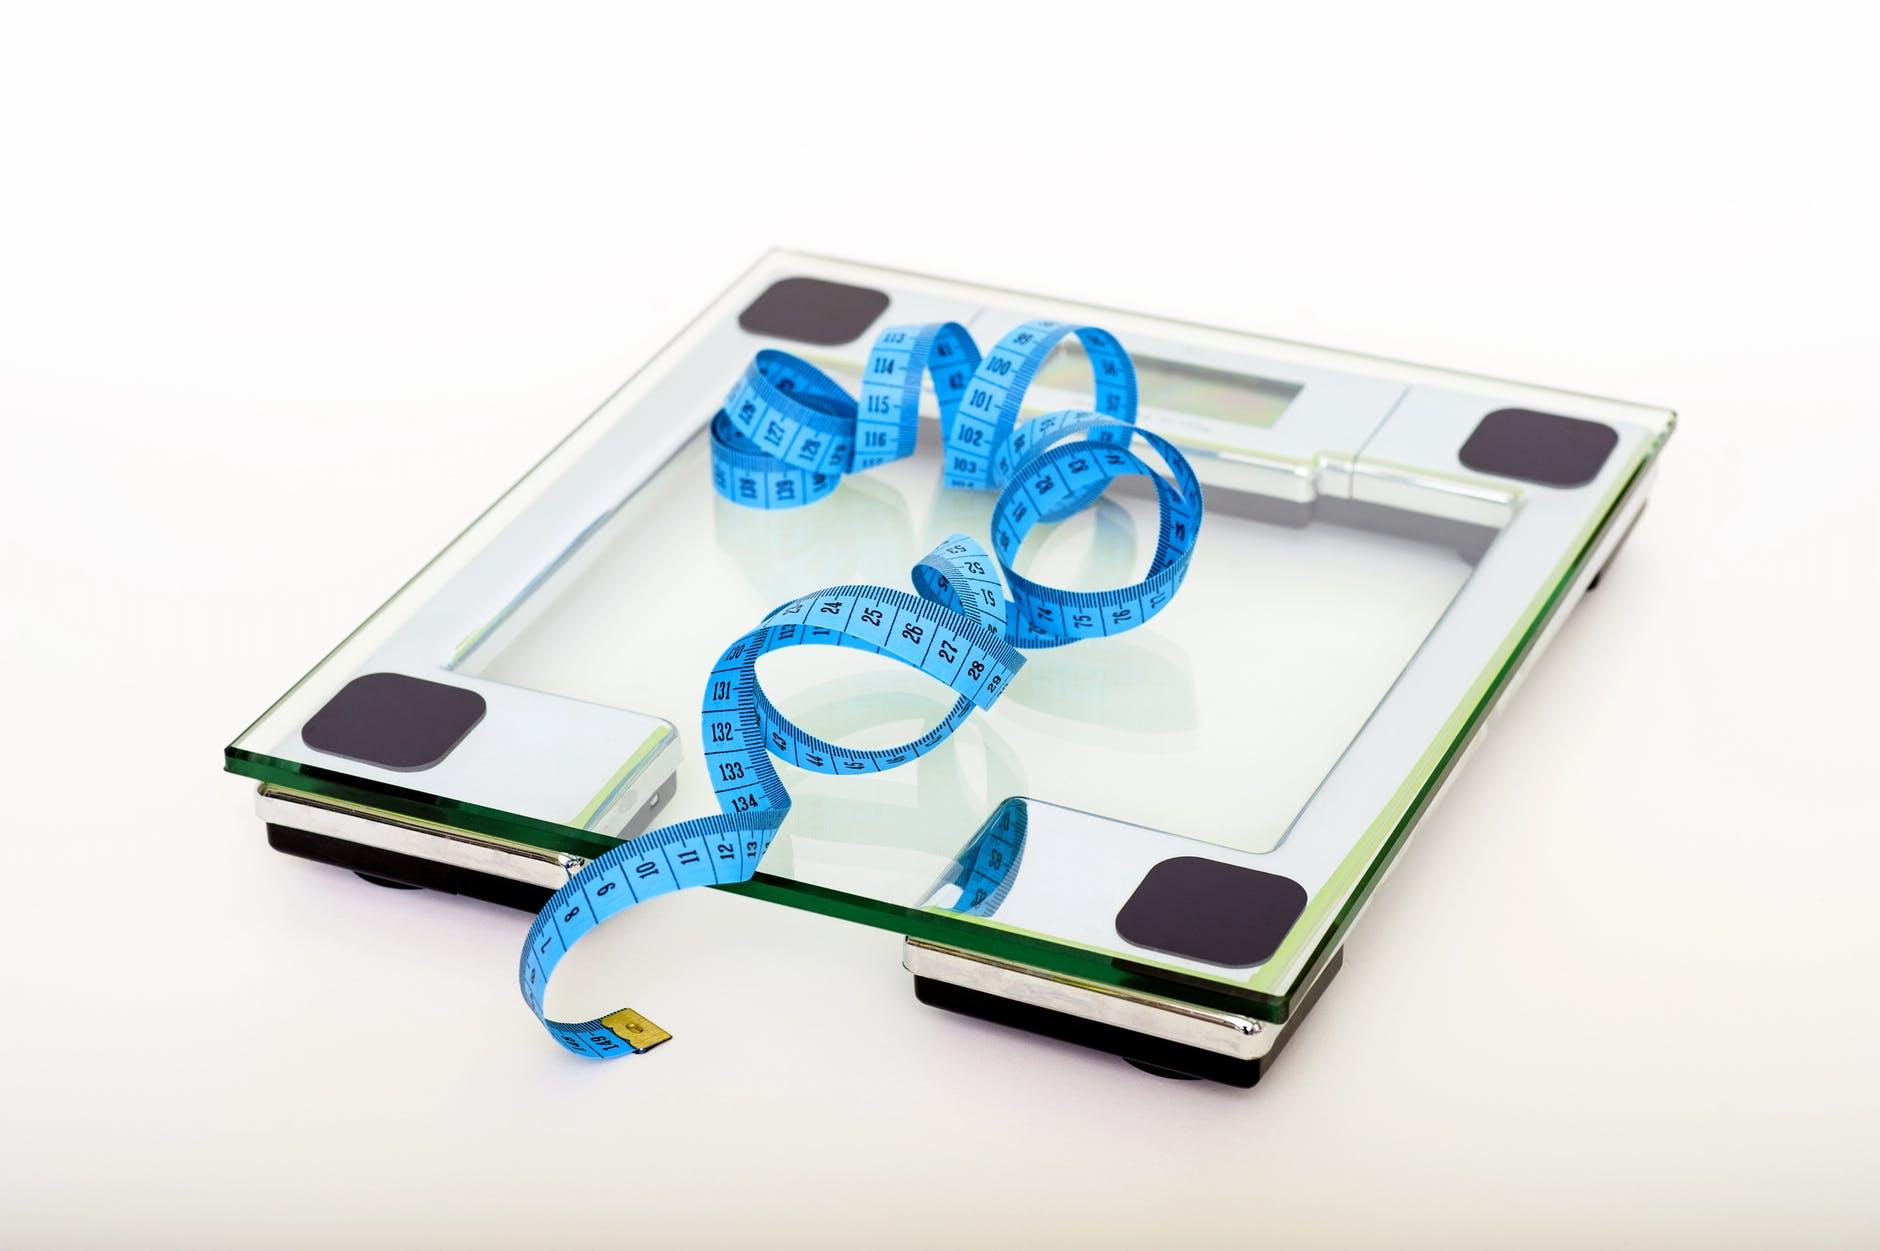 Испания является европейской страной с наибольшим процентом жителей, набравших вес с начала пандемии